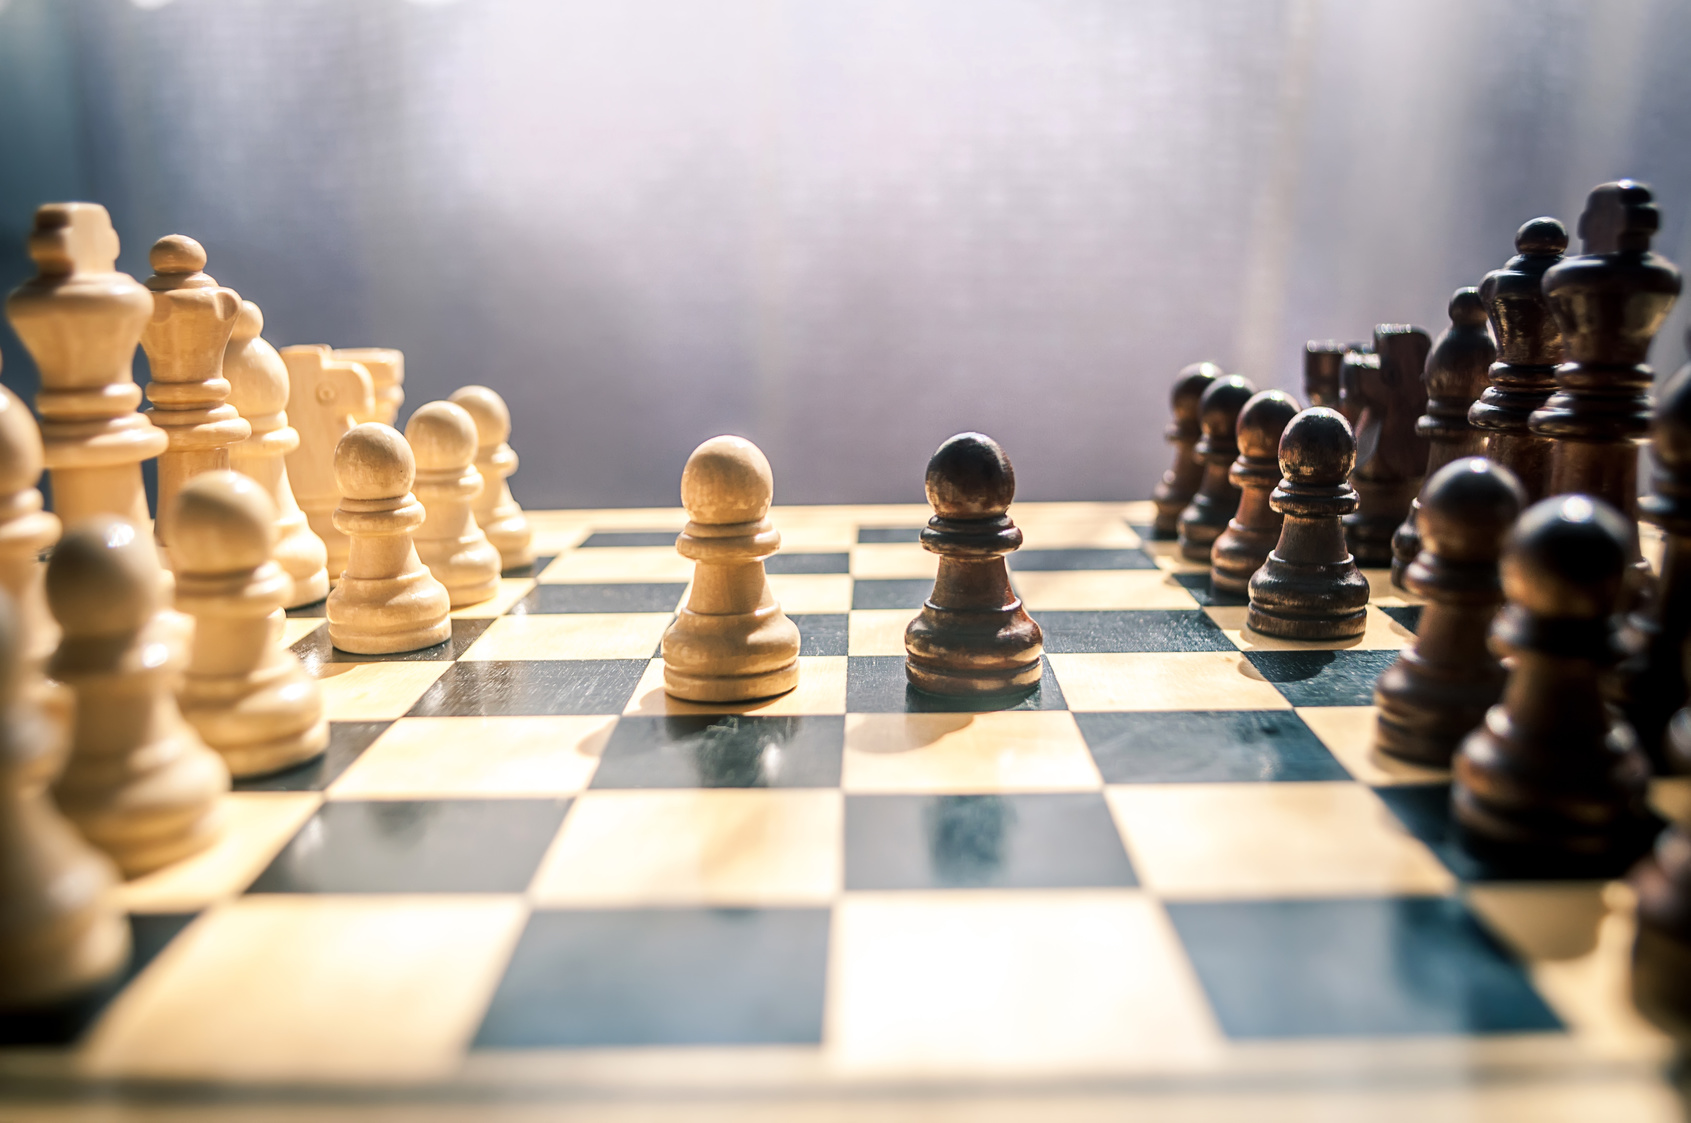 szachy - Fotolia